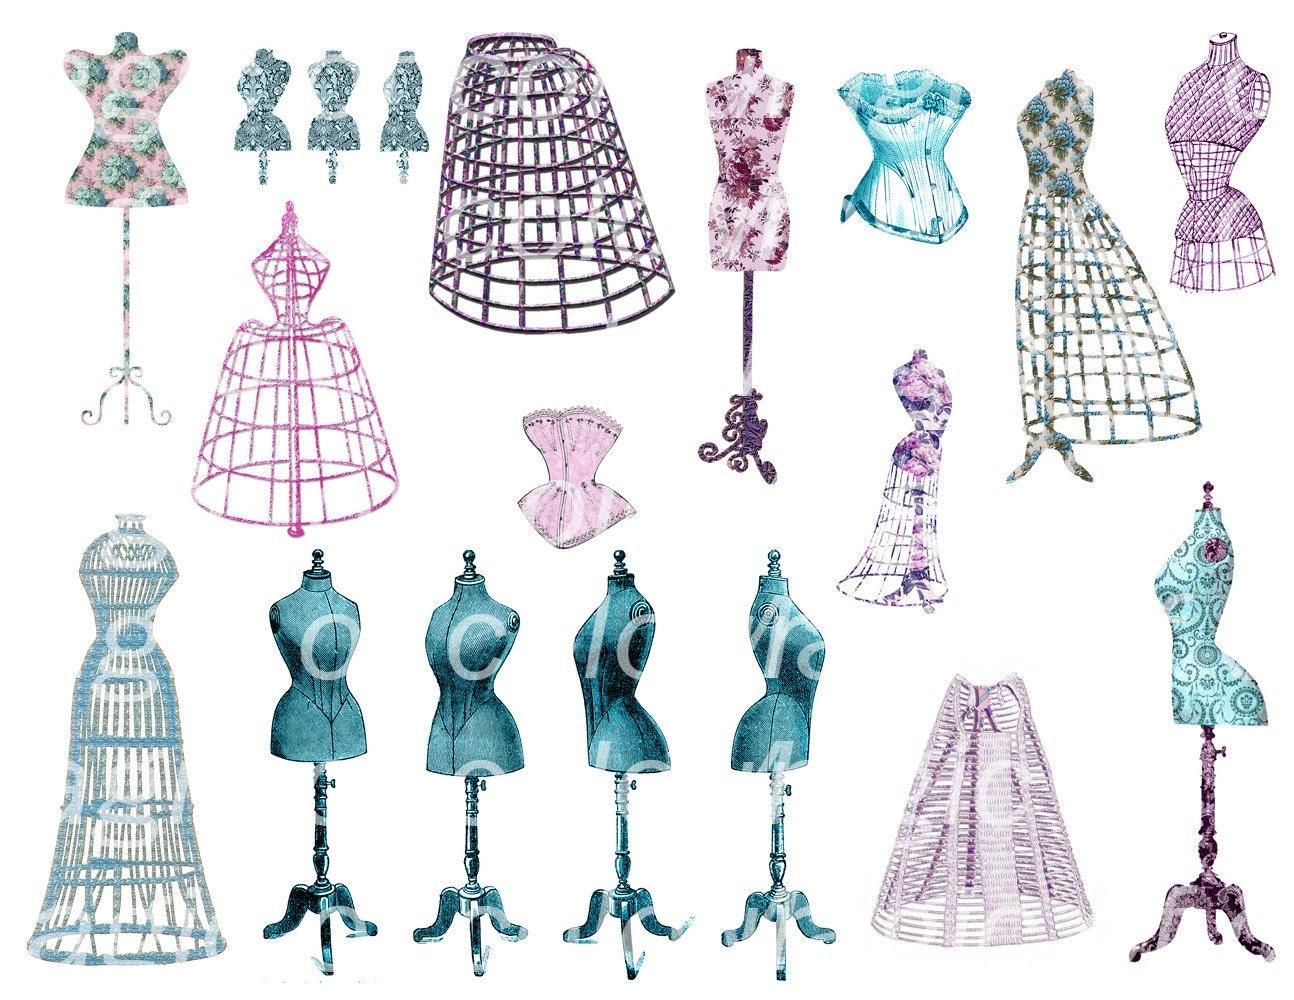 vintage dresses clipart - photo #15